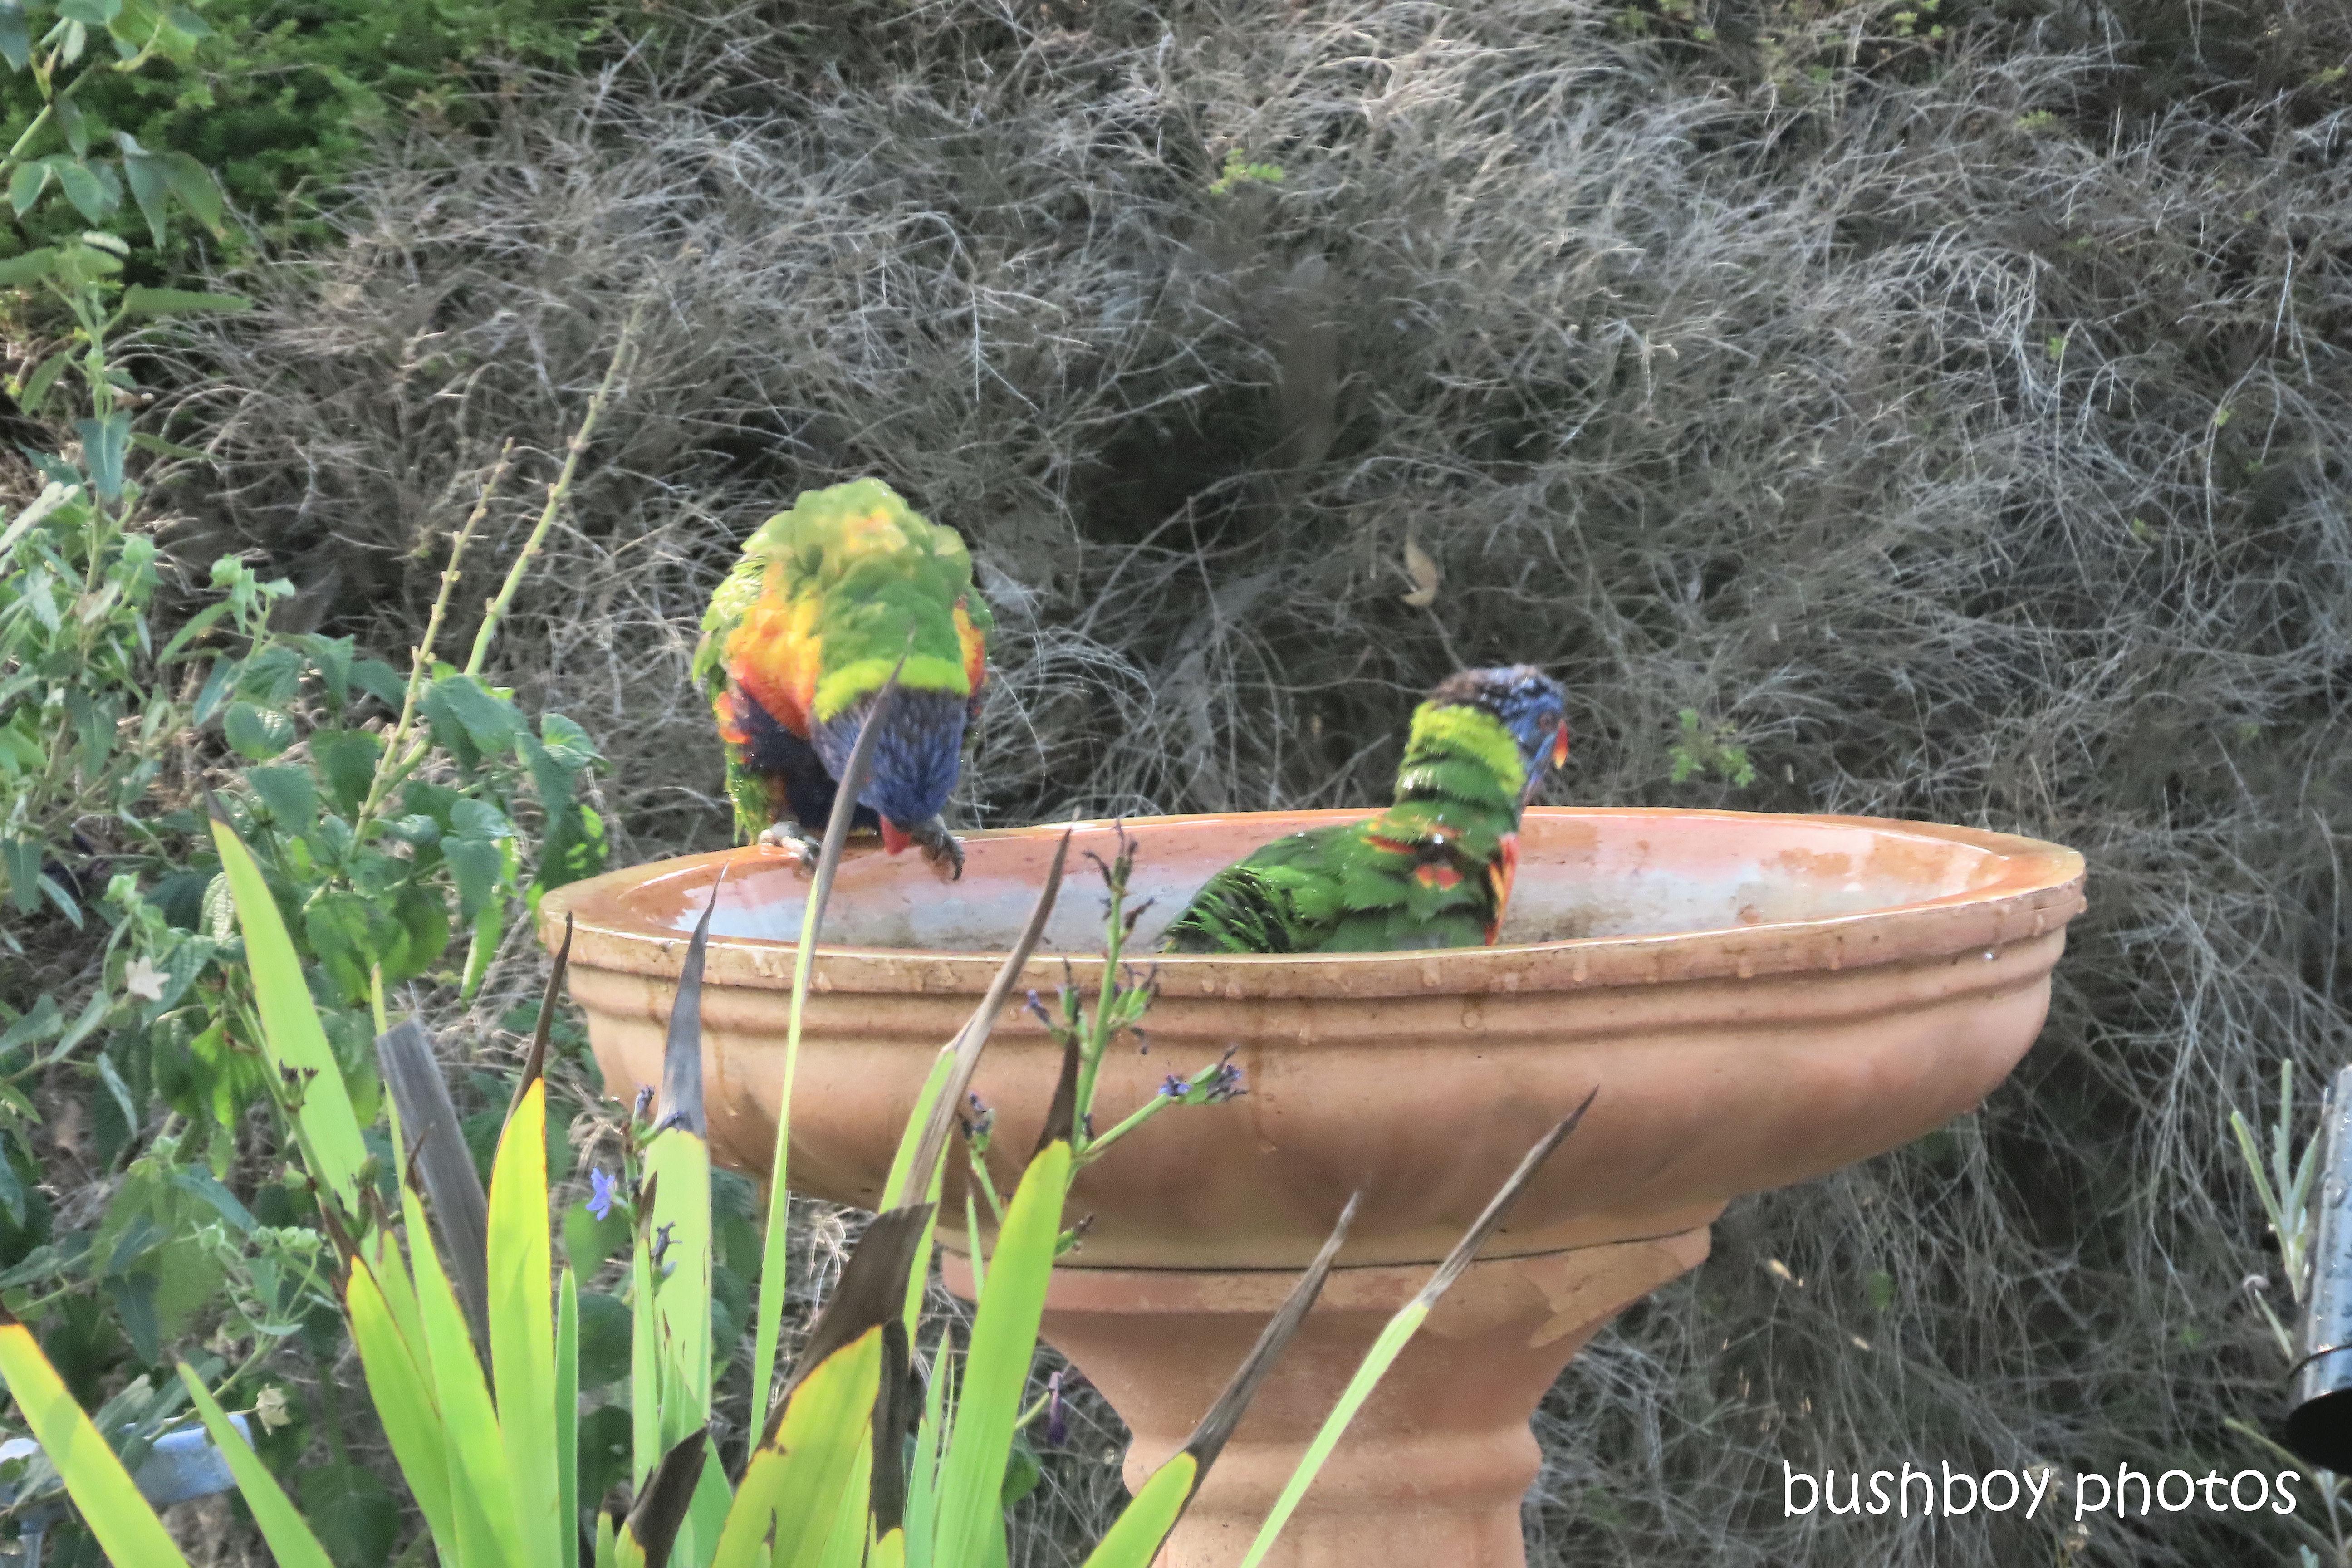 rainbow_lorikeets_bird_bath_fun_splash1_named_caniaba_oct 2019